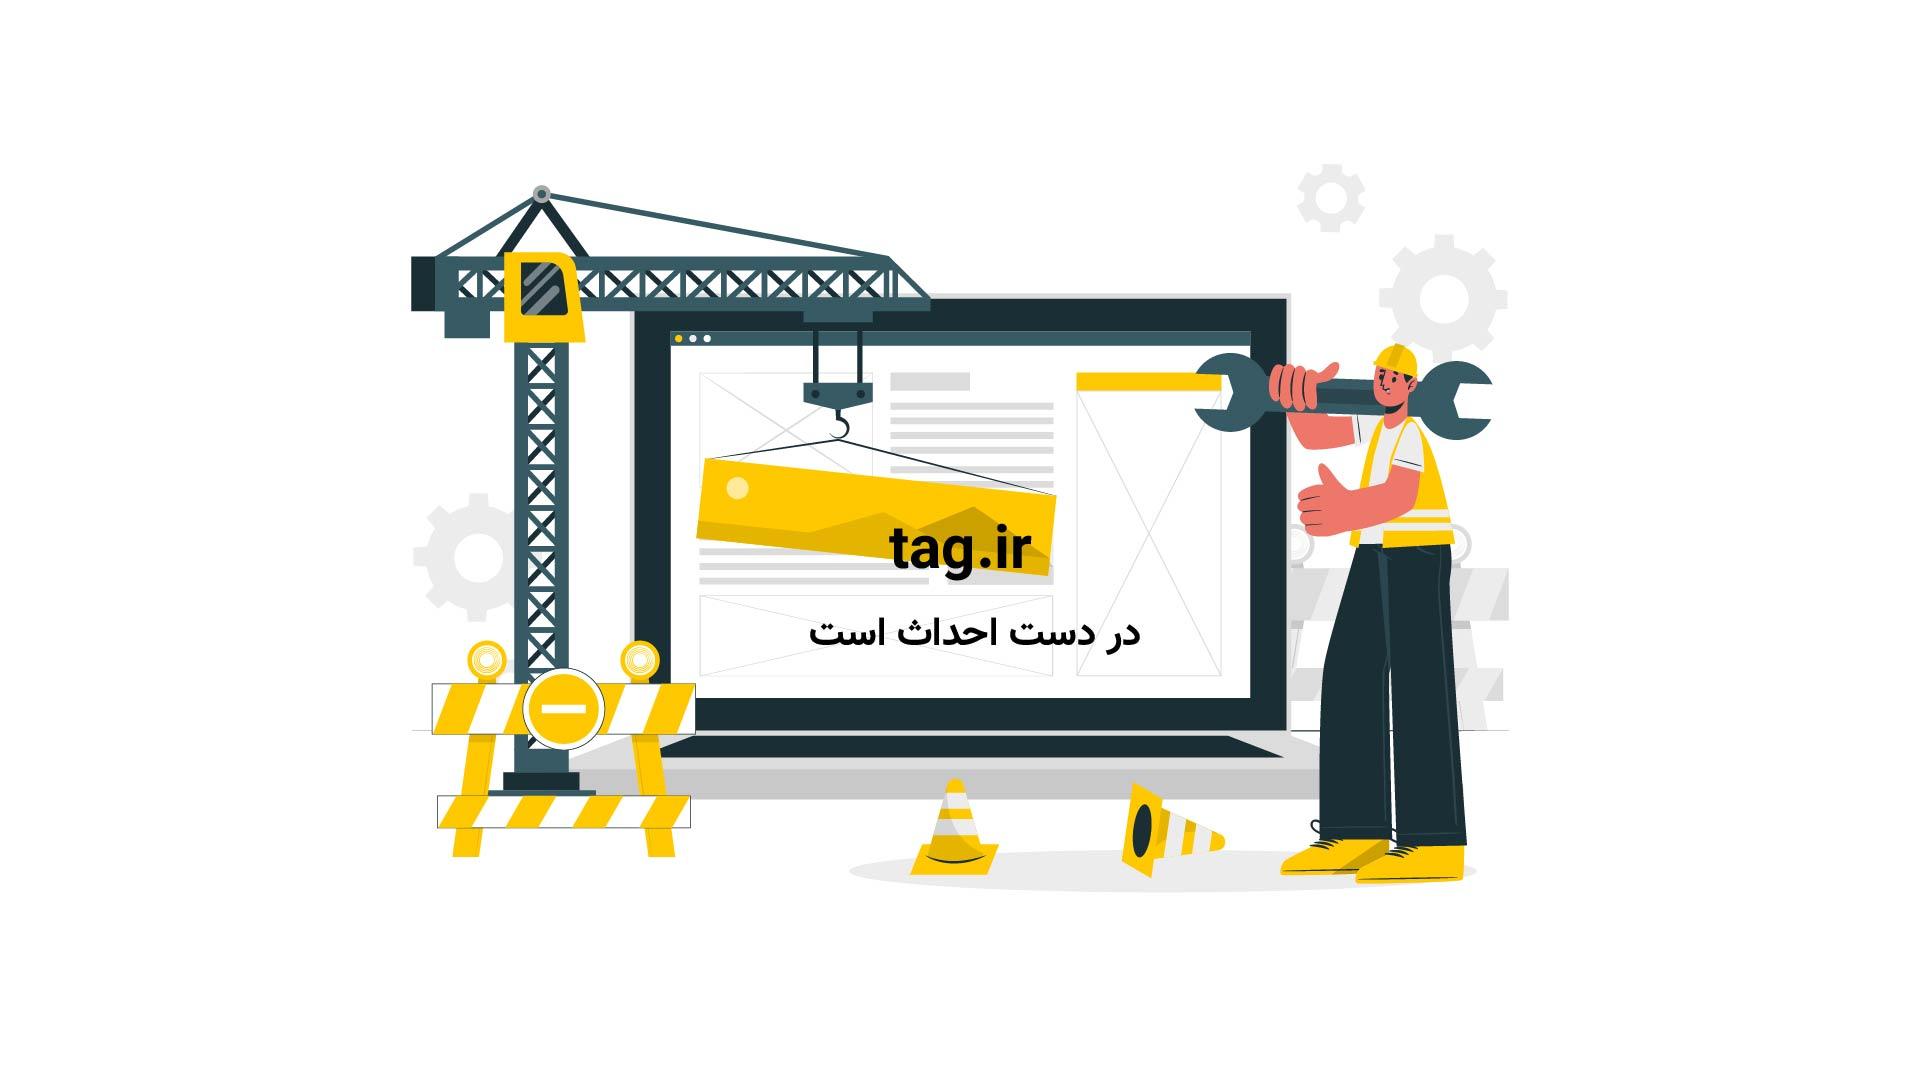 زلزله ترکیه | تگ